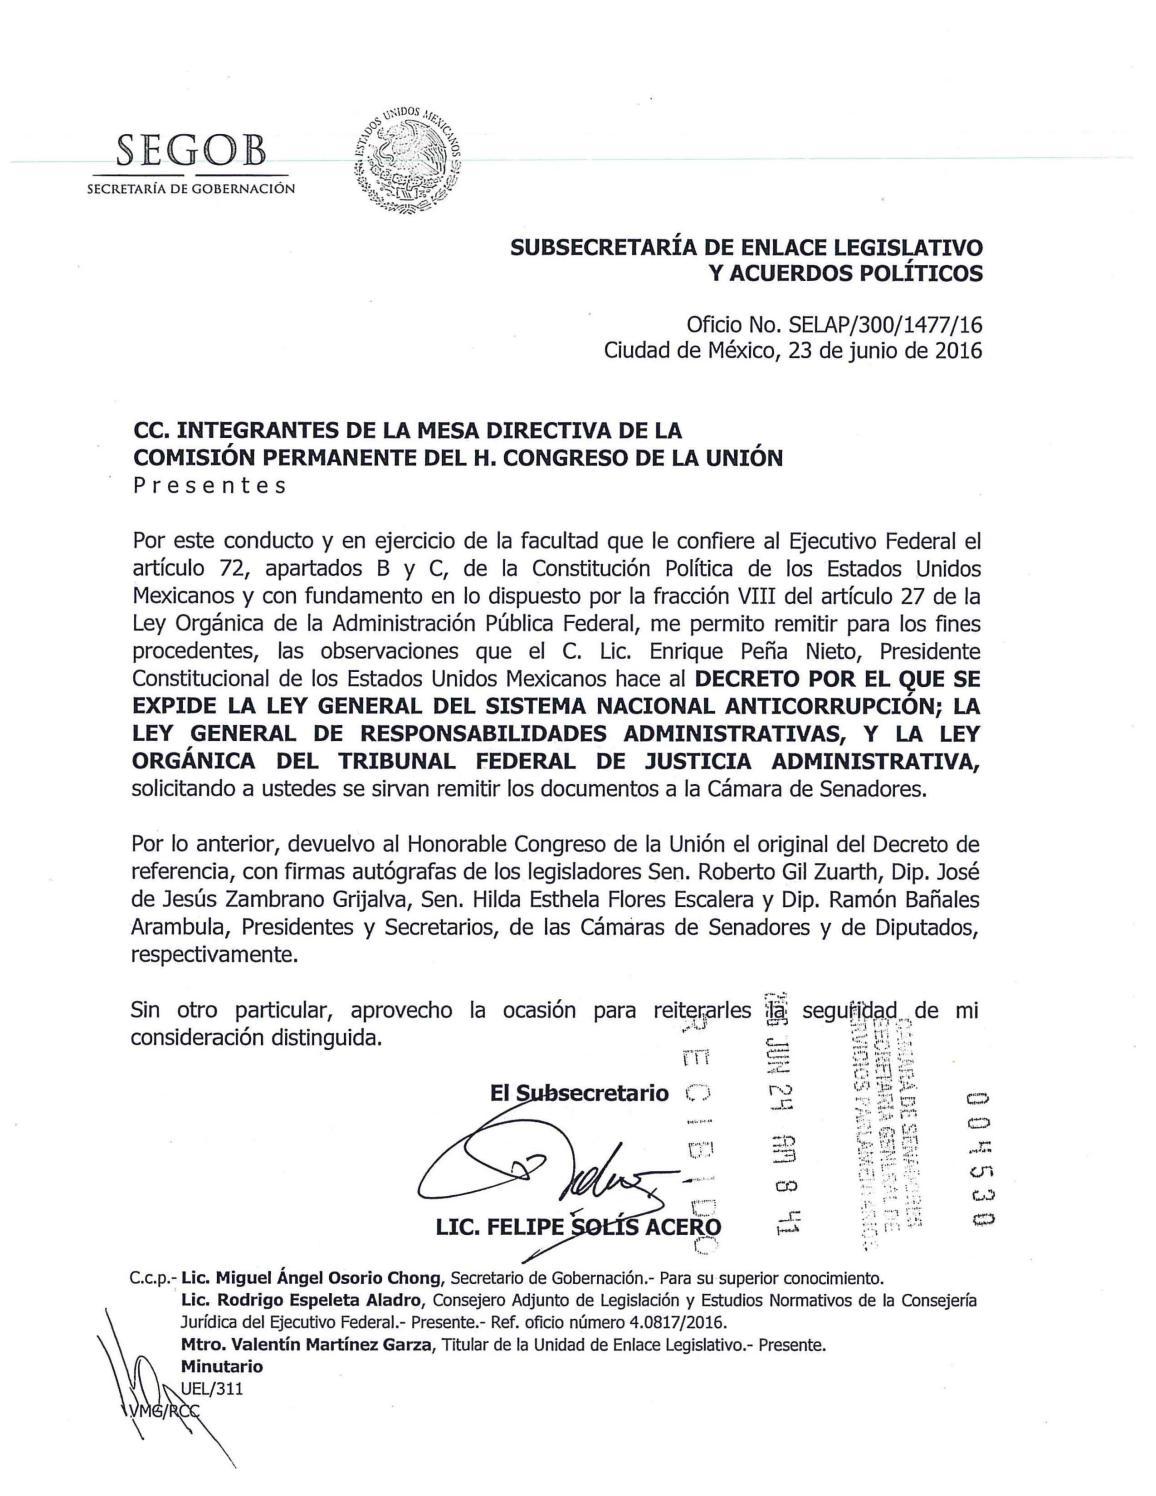 Observaciones ejecutivo federal by Información Integral 24/7 SAPI de ...